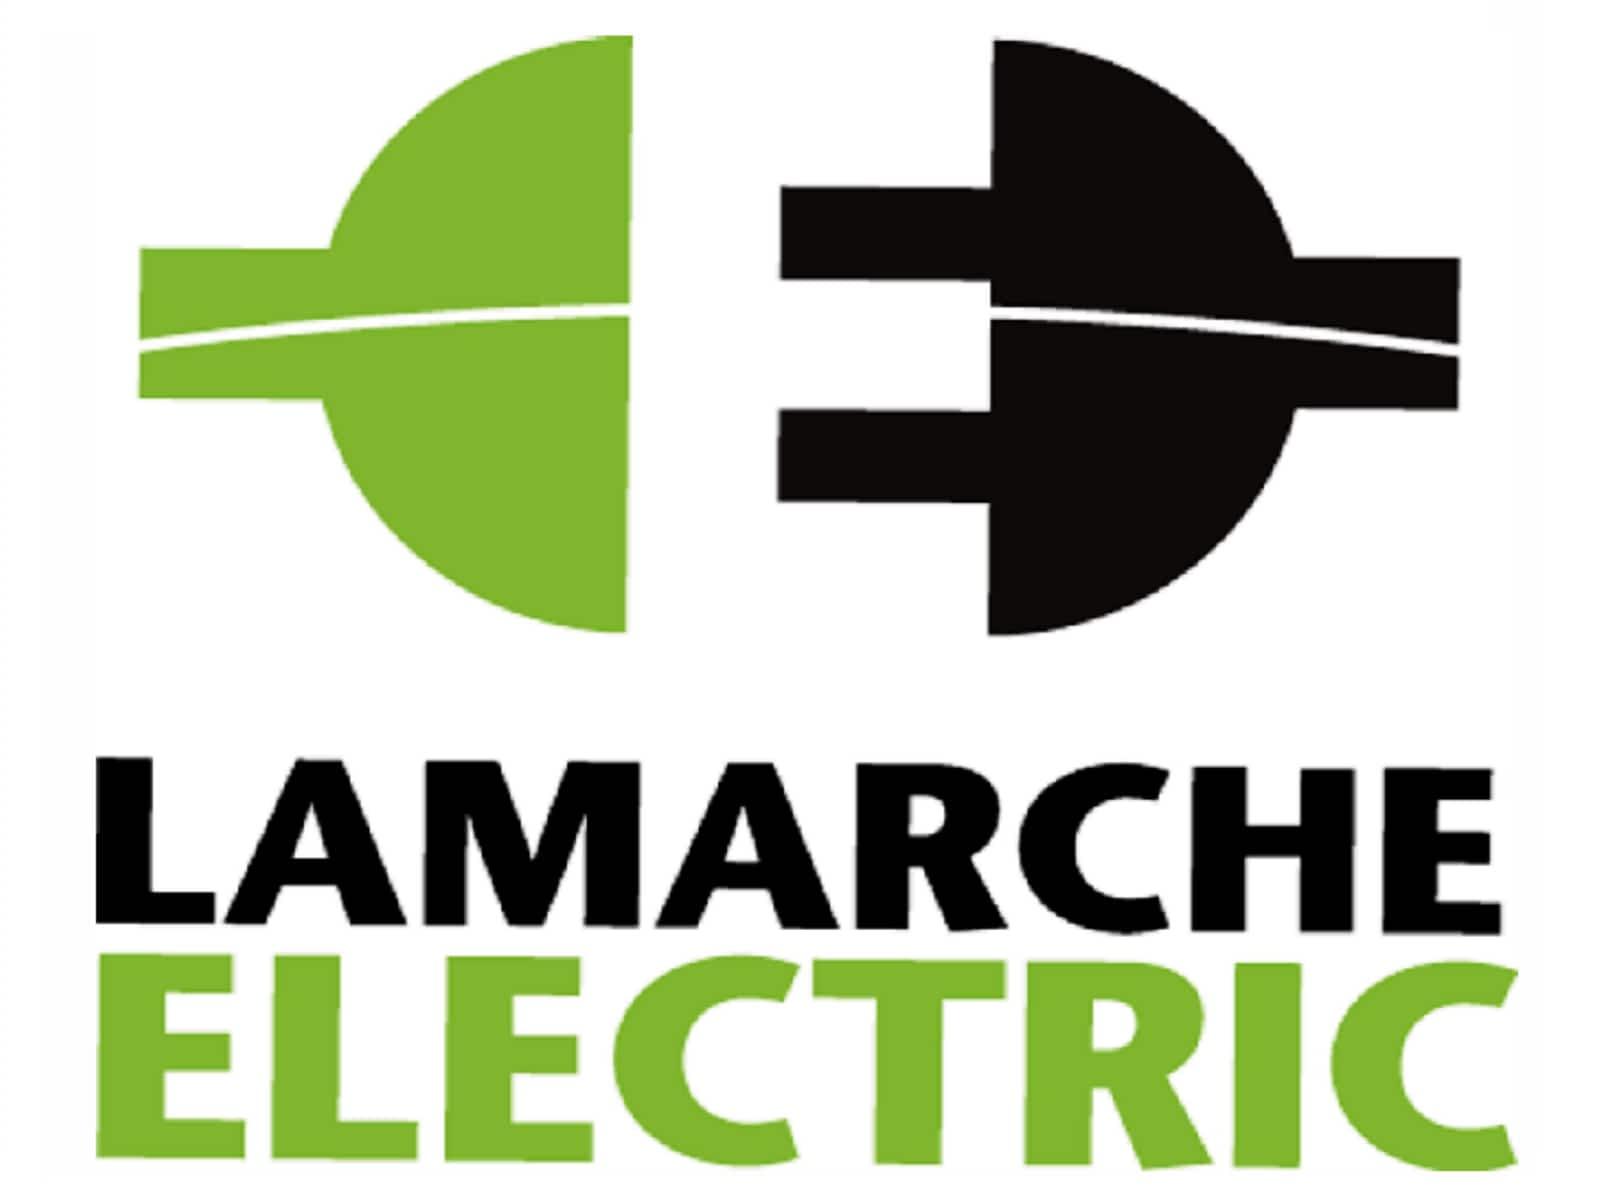 Lamarche Electric